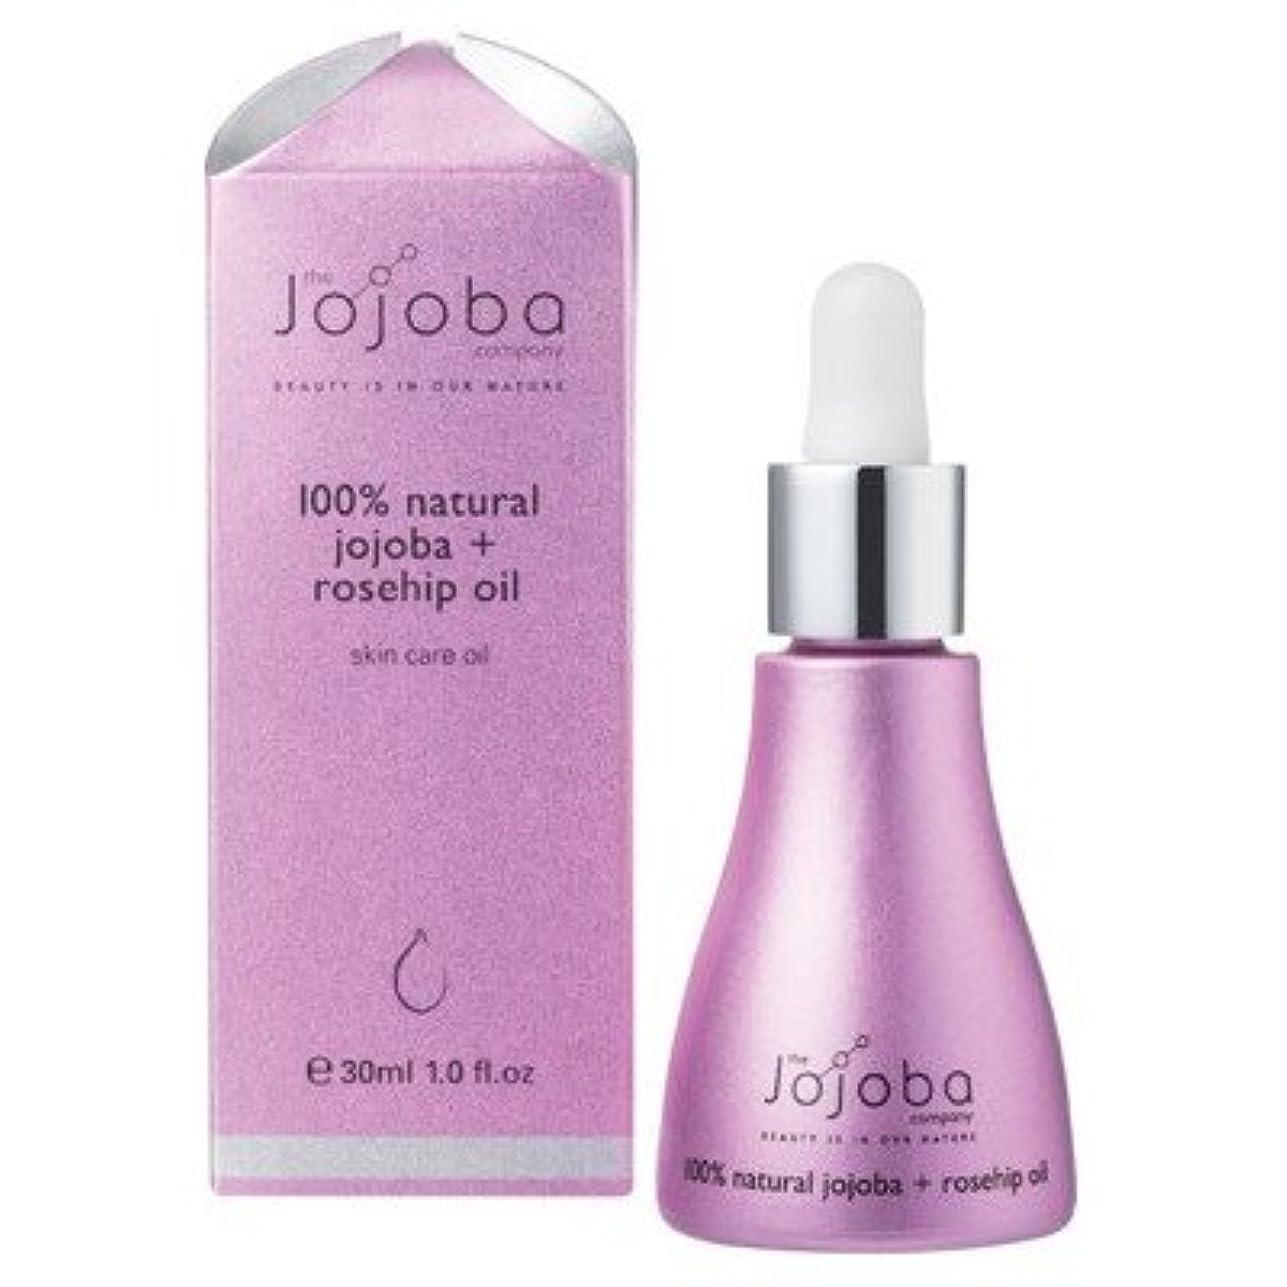 鋭く呪い斧the Jojoba Company 100% Natural Australian Jojoba Oil + Rosehip Oil ホホバ&ローズヒップブレンドオイル 30ml [海外直送品]